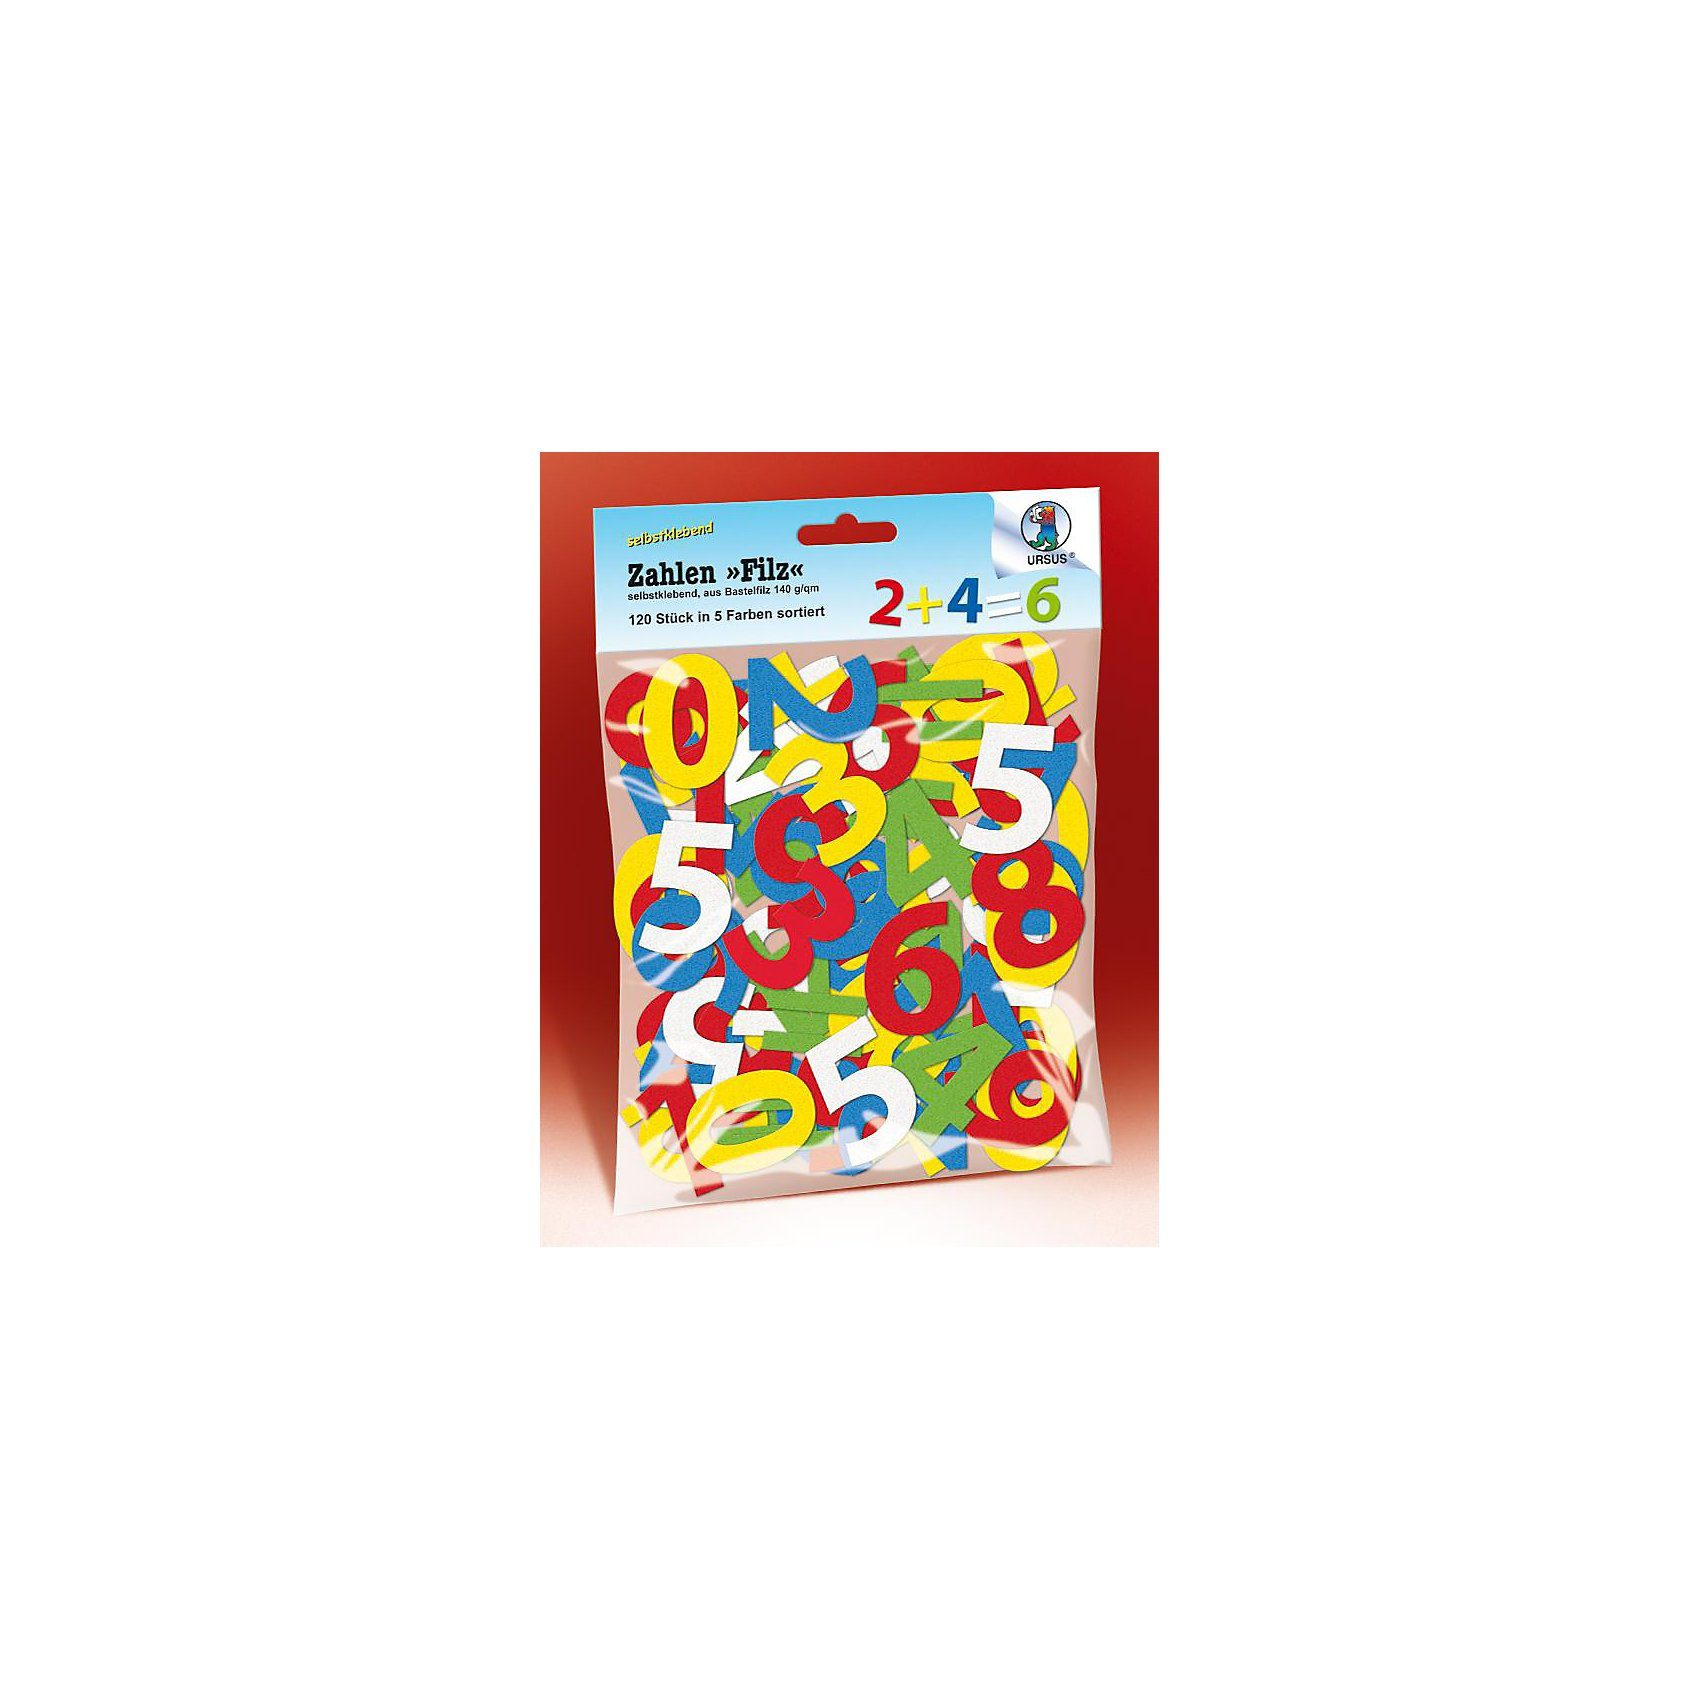 URSUS Stanzteile Filz Zahlen, 120 Stück in 5 Farben